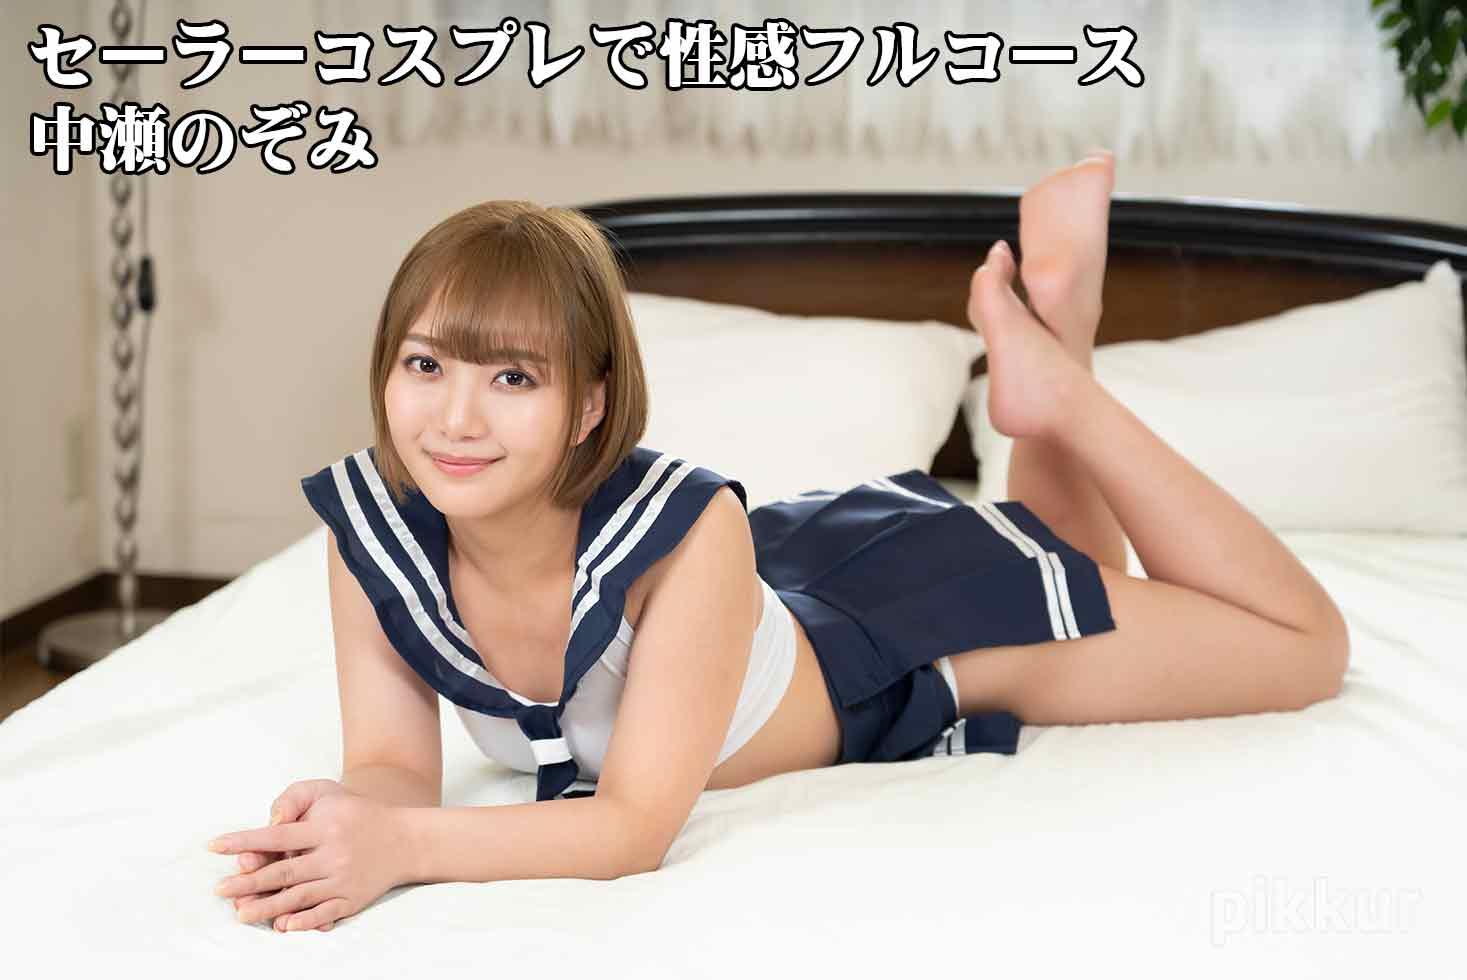 パイパン 中出し 手コキ ショートカット 美少女 日本人 美乳 69 バック 騎乗位 正上位 生ハメ 生姦 クンニ フェラ 美尻 指マン パイパン